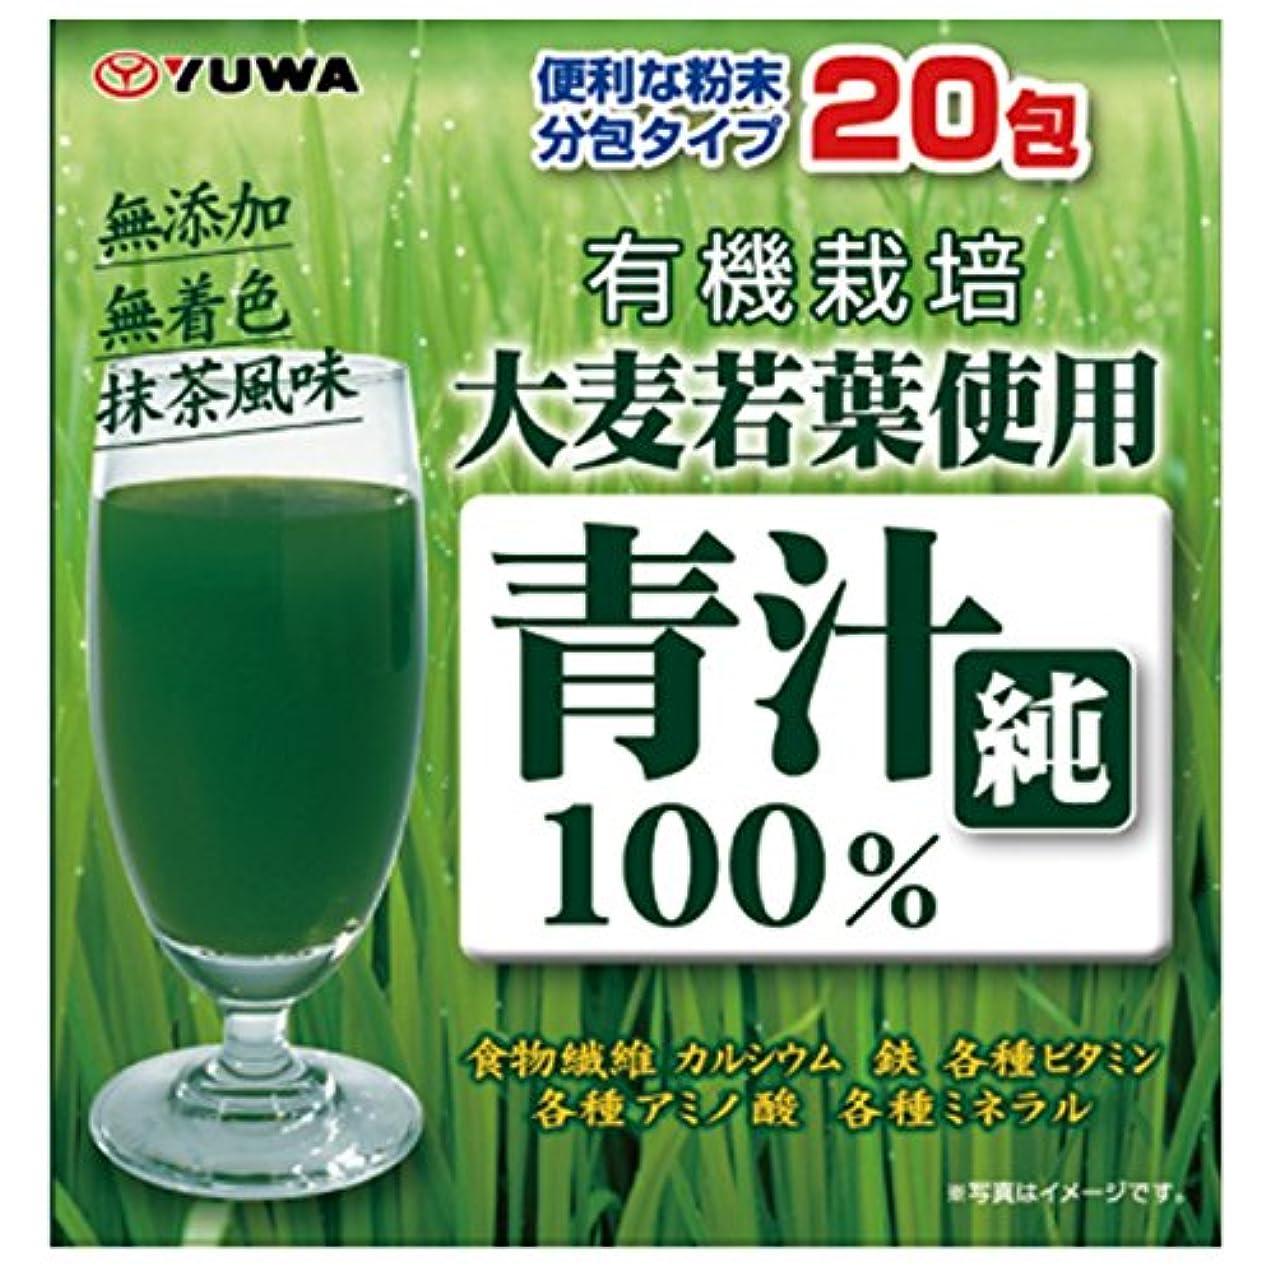 セッティング機関車取り扱いユーワ 大麦若葉青汁純100% 20包